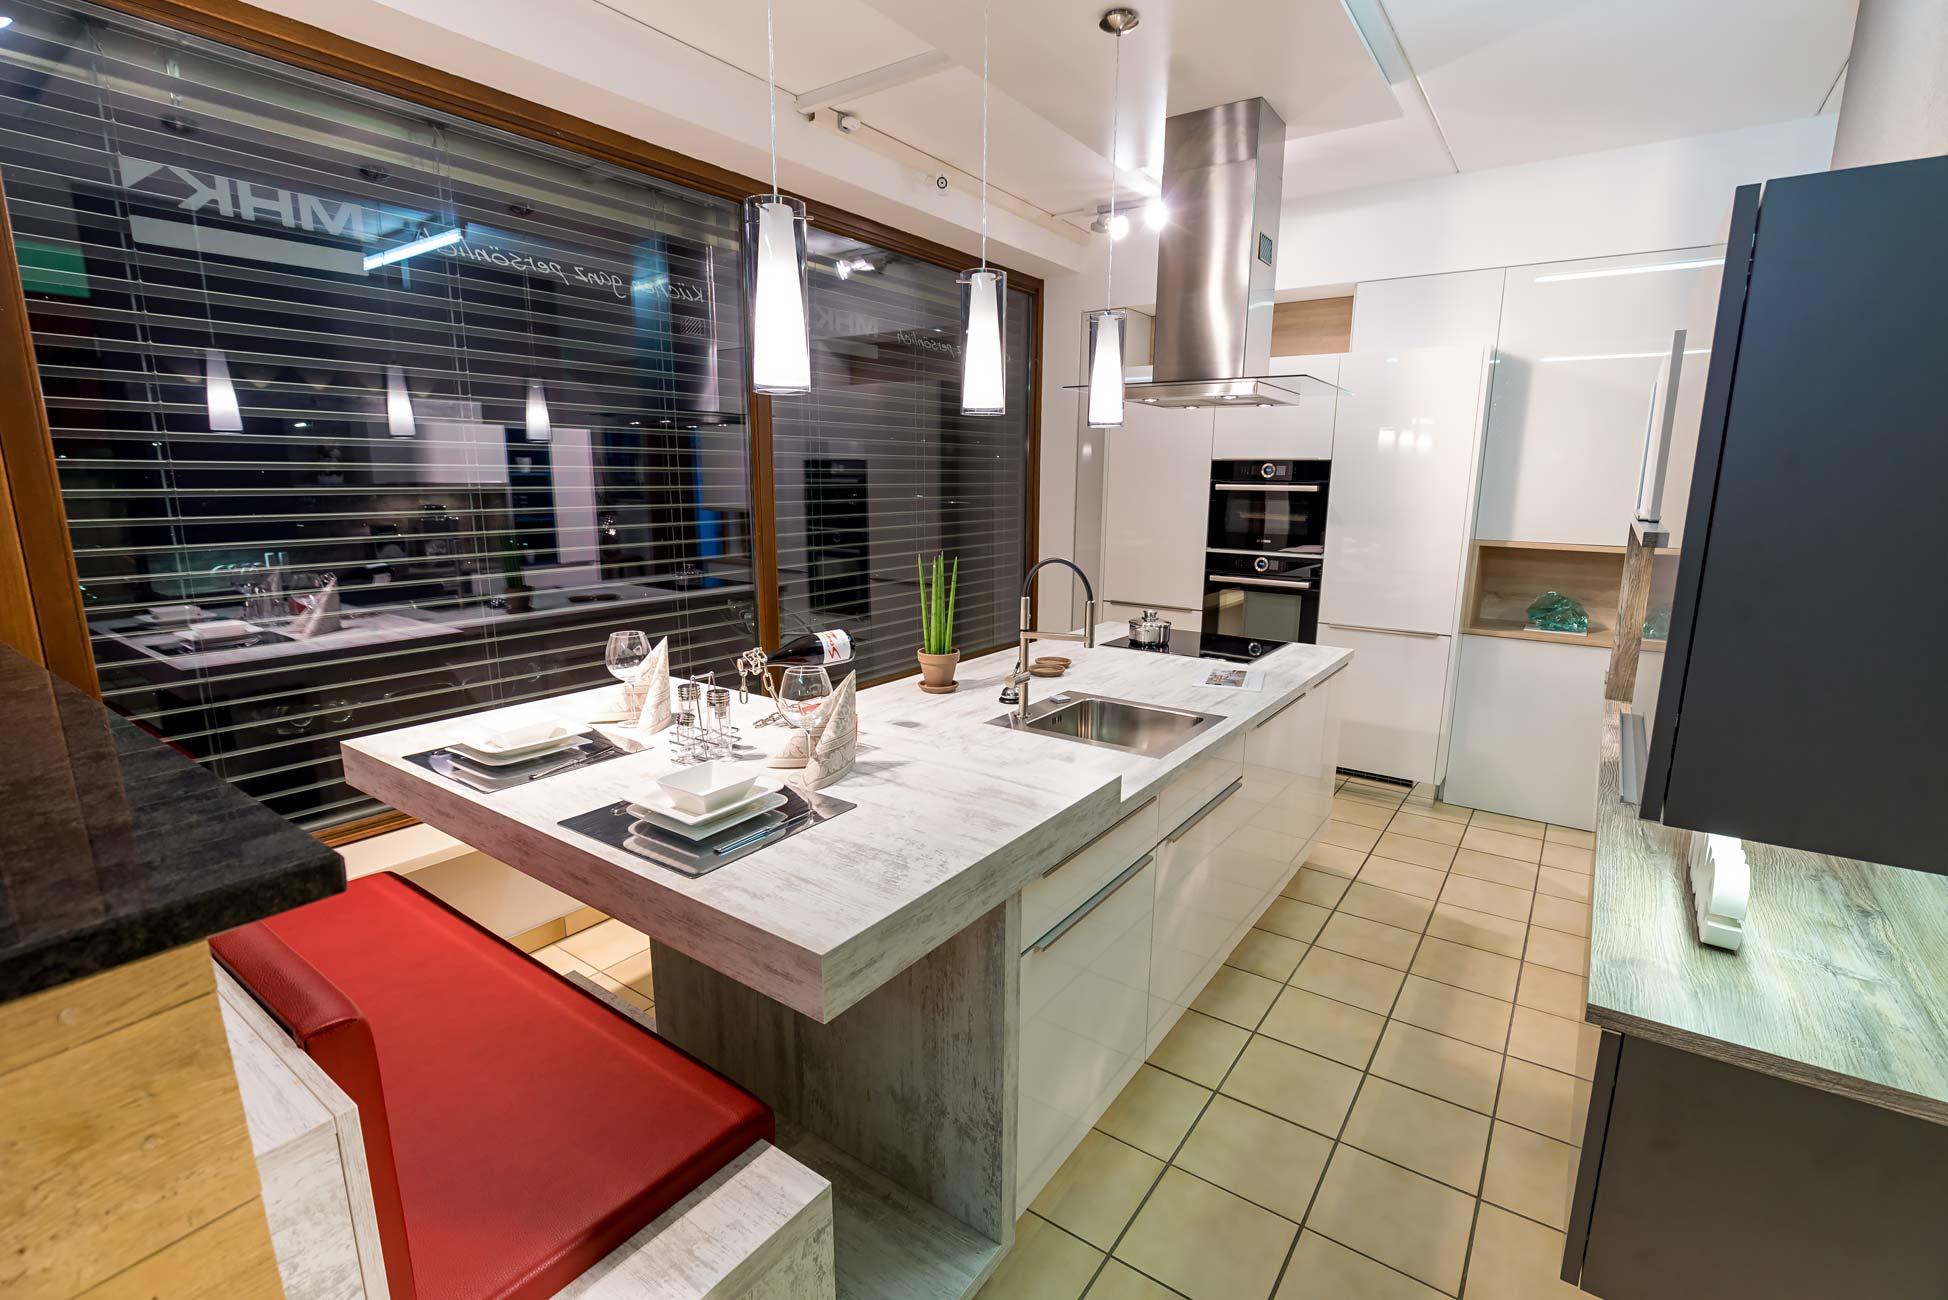 küche und wohnen | schütz gmbh - küche, wohnzimmer, badezimmer, Wohnzimmer dekoo